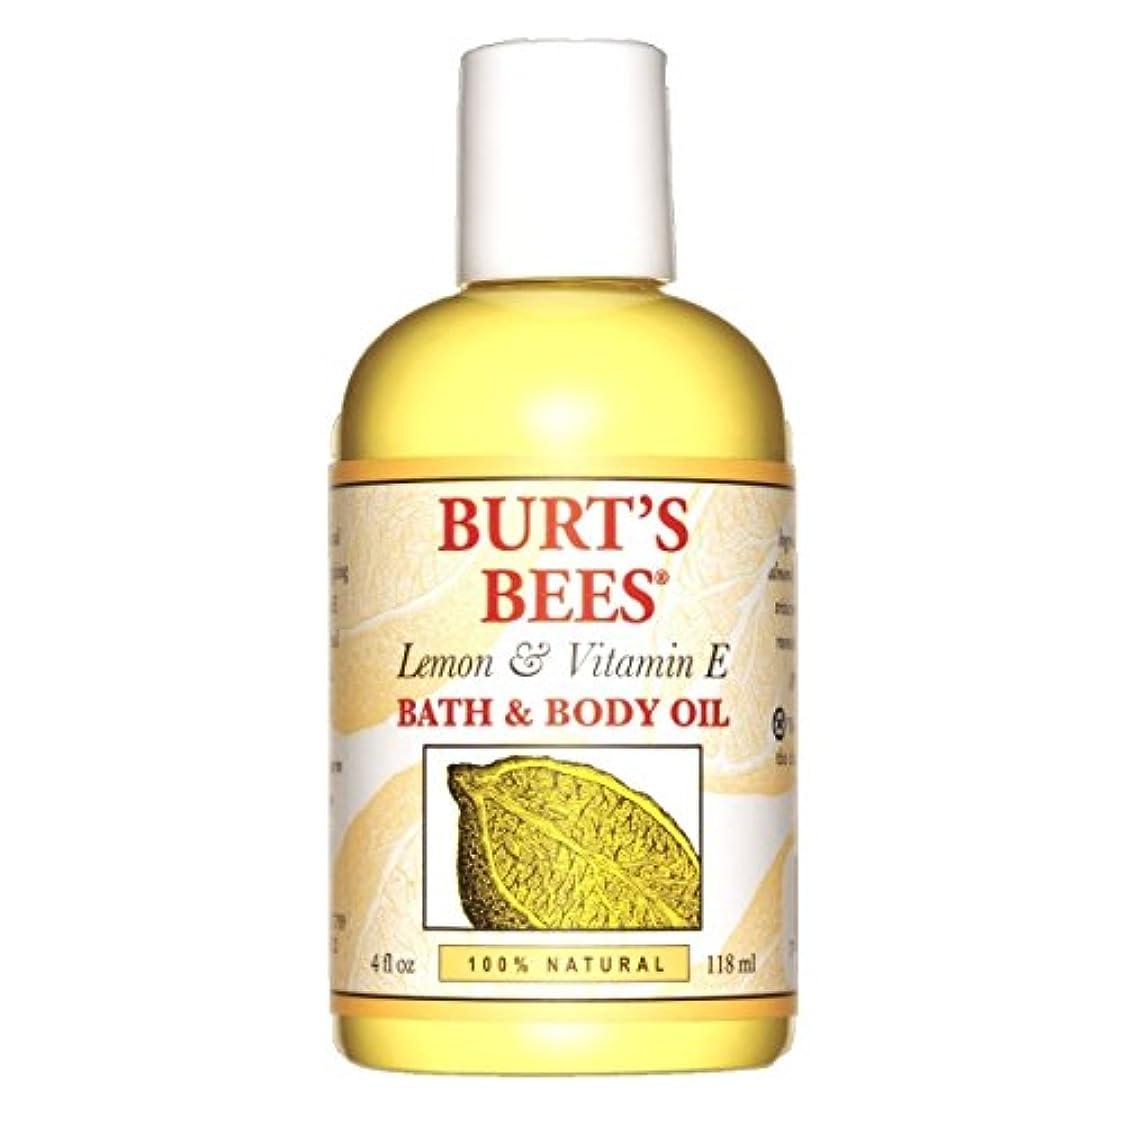 抜粋不合格好奇心盛バーツビーズ(Burt's Bees) レモン&ビタミンE バスアンドボディオイル 118ml [海外直送品][並行輸入品]